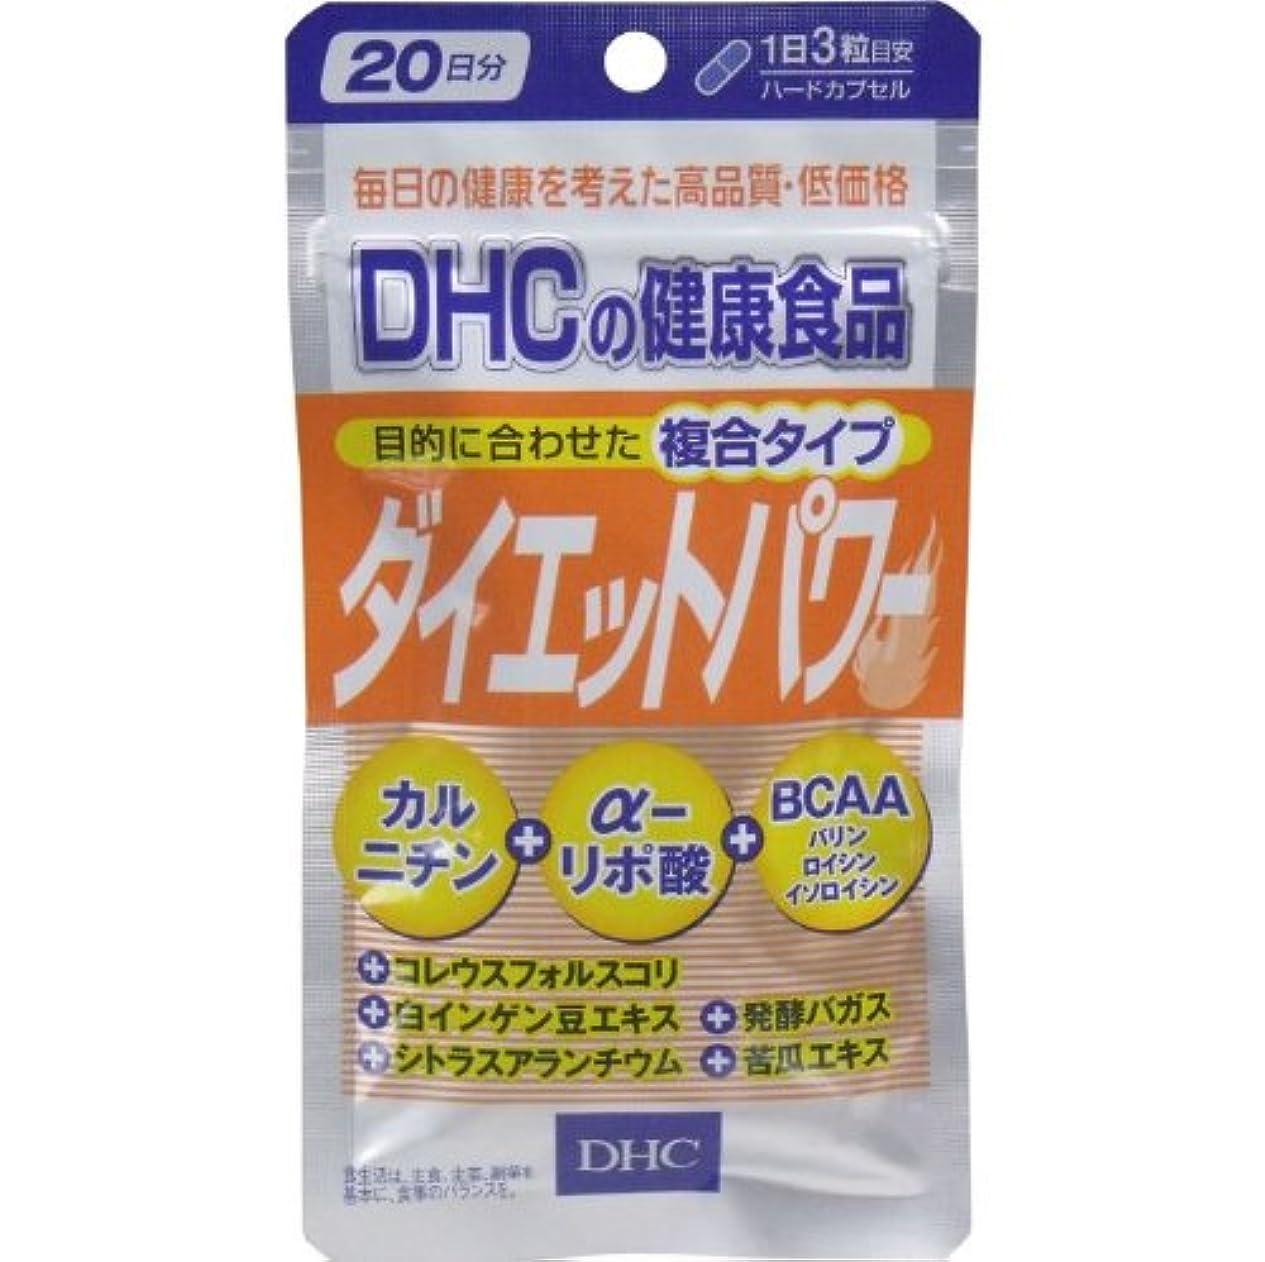 ぐるぐるミット充電DHC ダイエットパワー 60粒入 【3個セット】